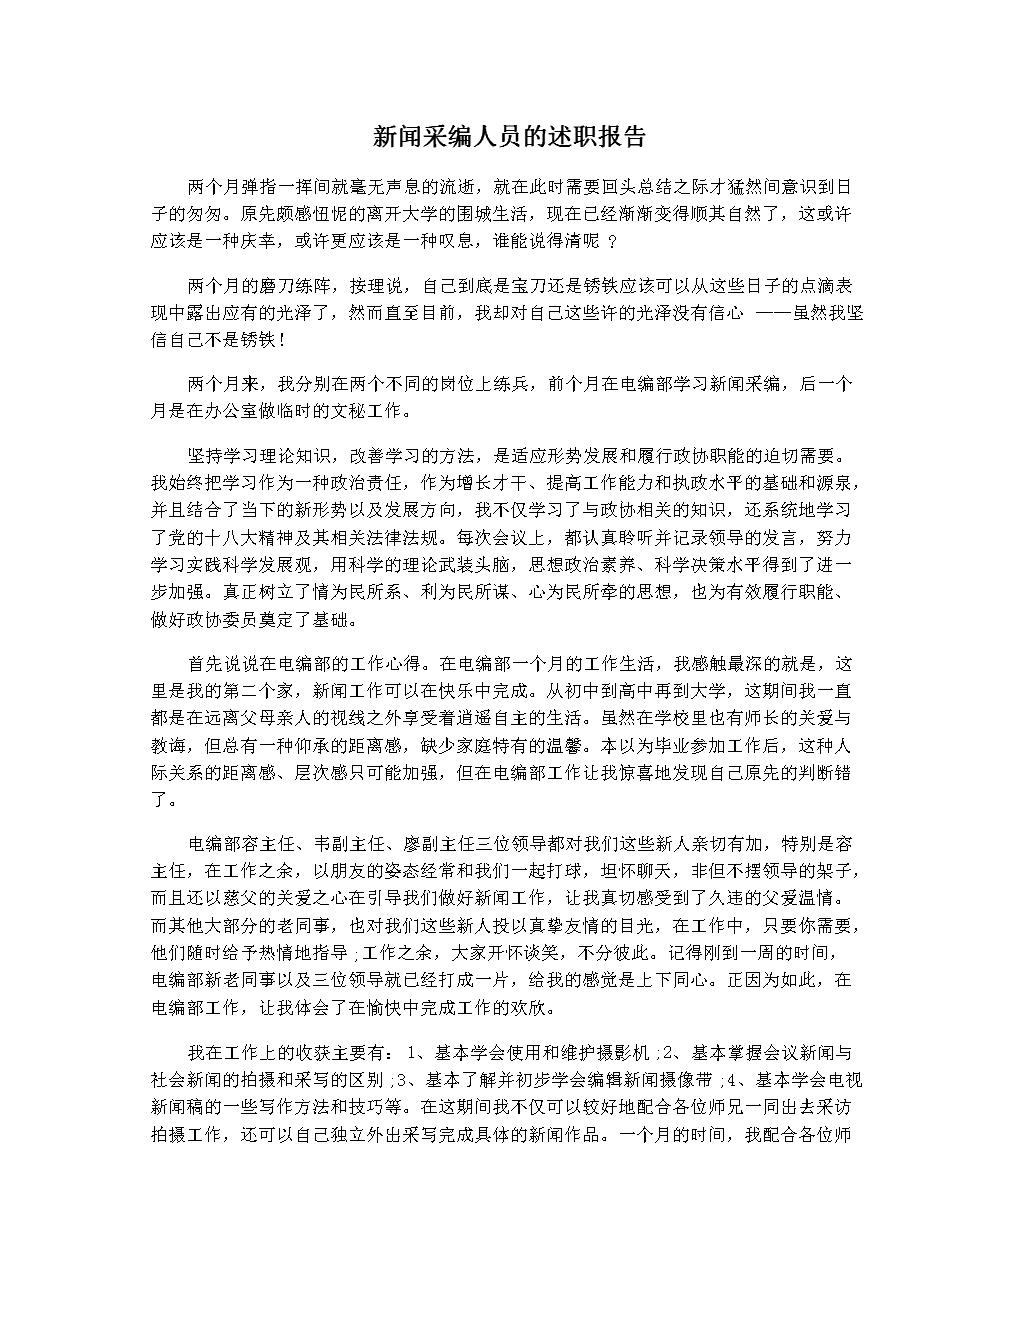 新闻采编人员的述职报告.docx